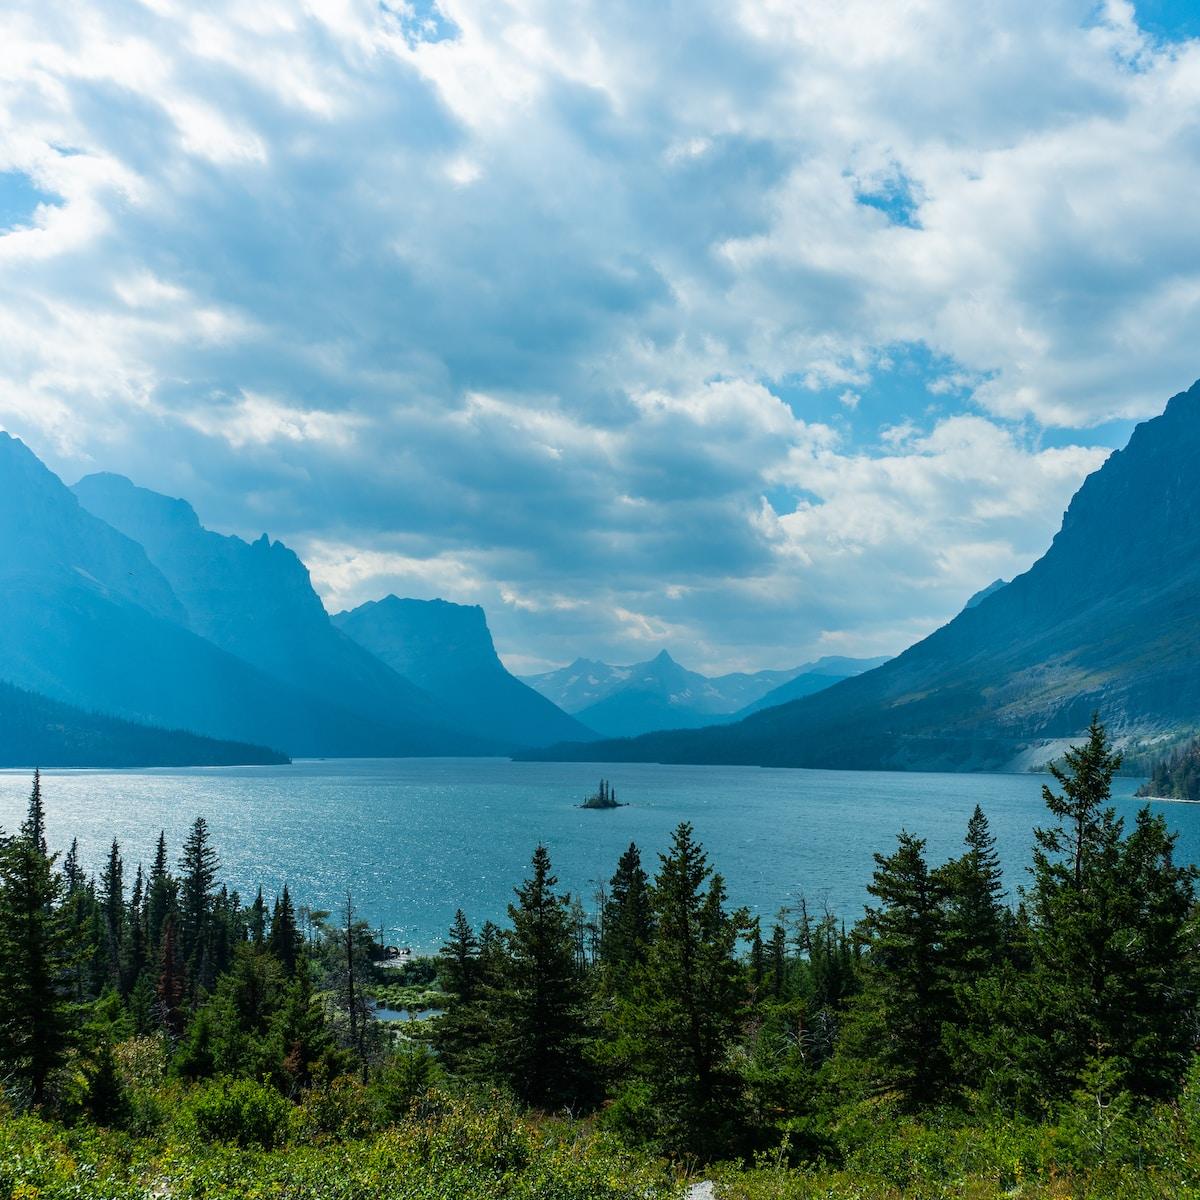 Lake Josephine in Glacier National Park, East Glacier